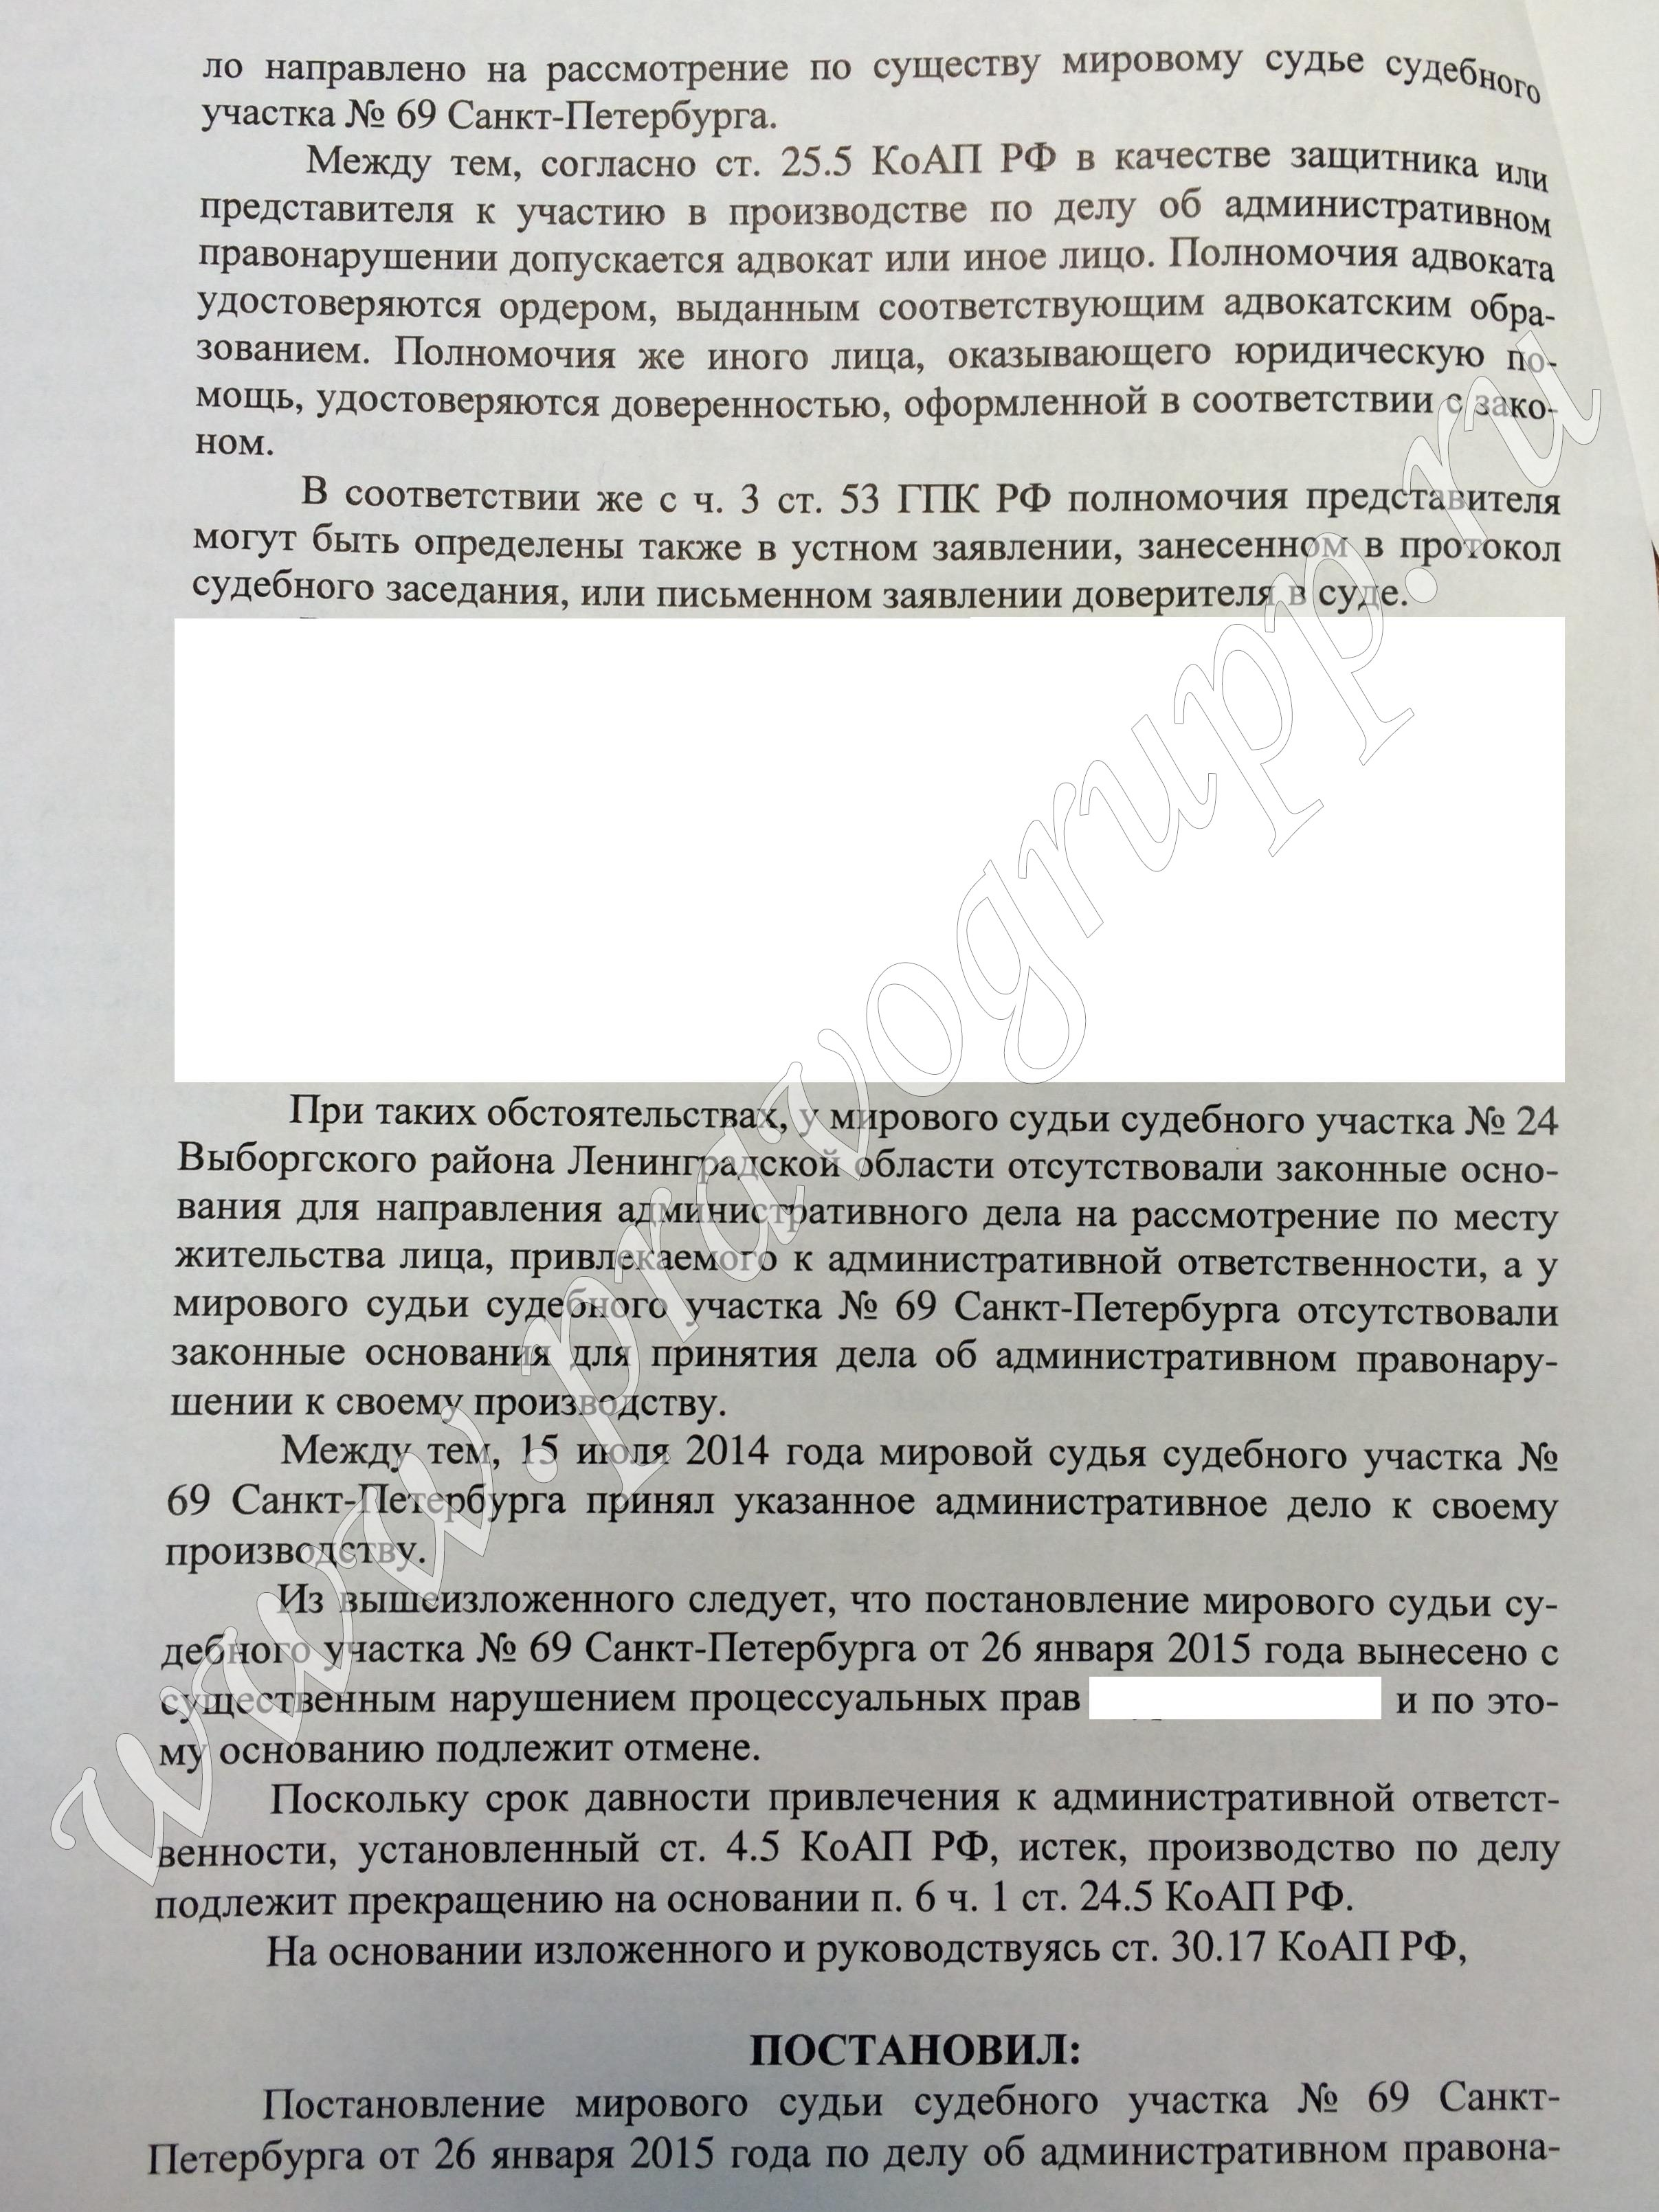 Статье 2713 коап рф zakonautoru